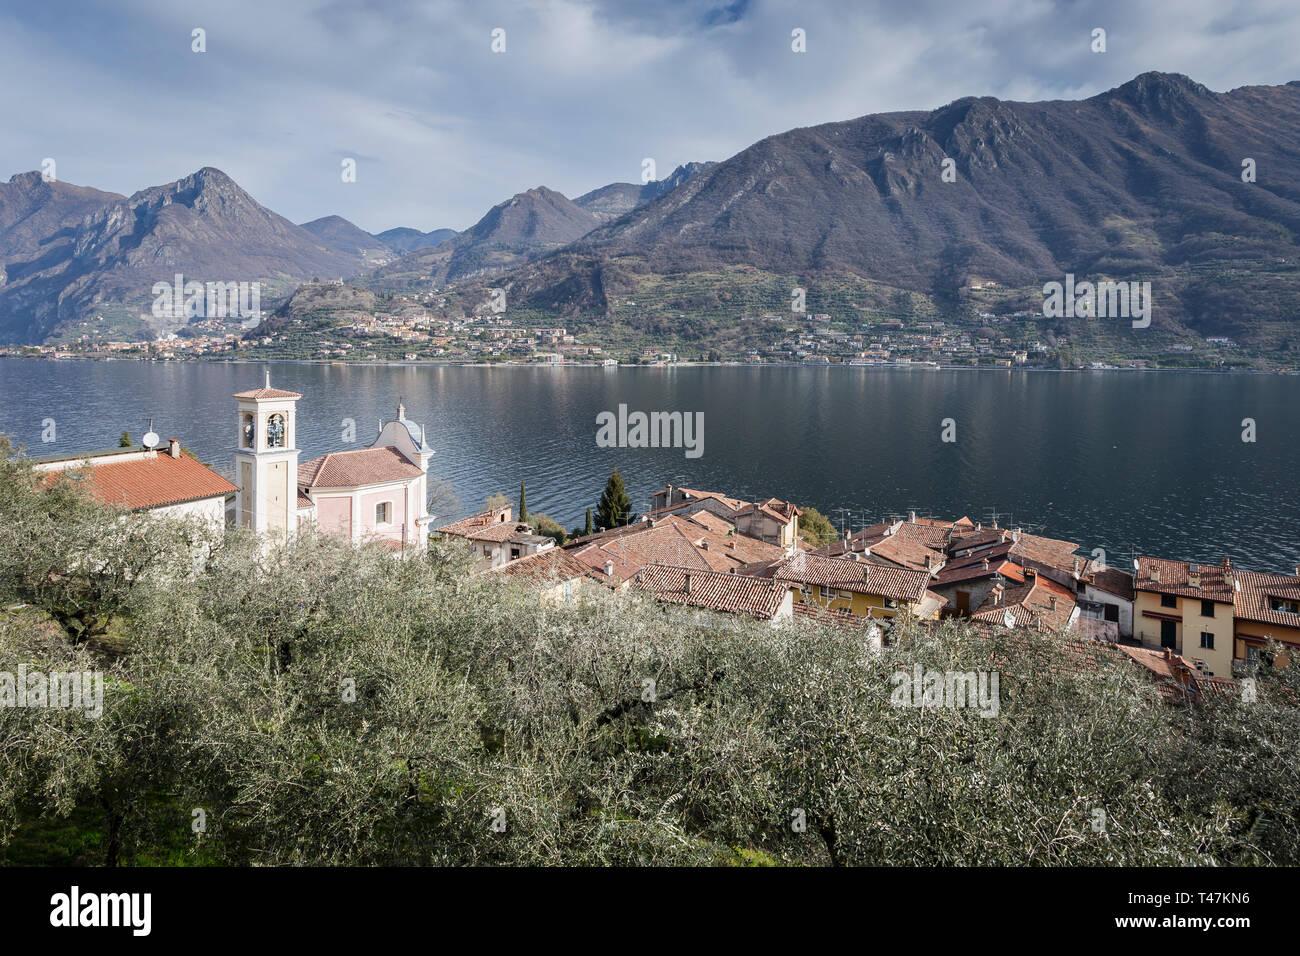 Olivar y Carzano pueblo de Monte Isola, el lago de Iseo, Lombardía, Italia Foto de stock